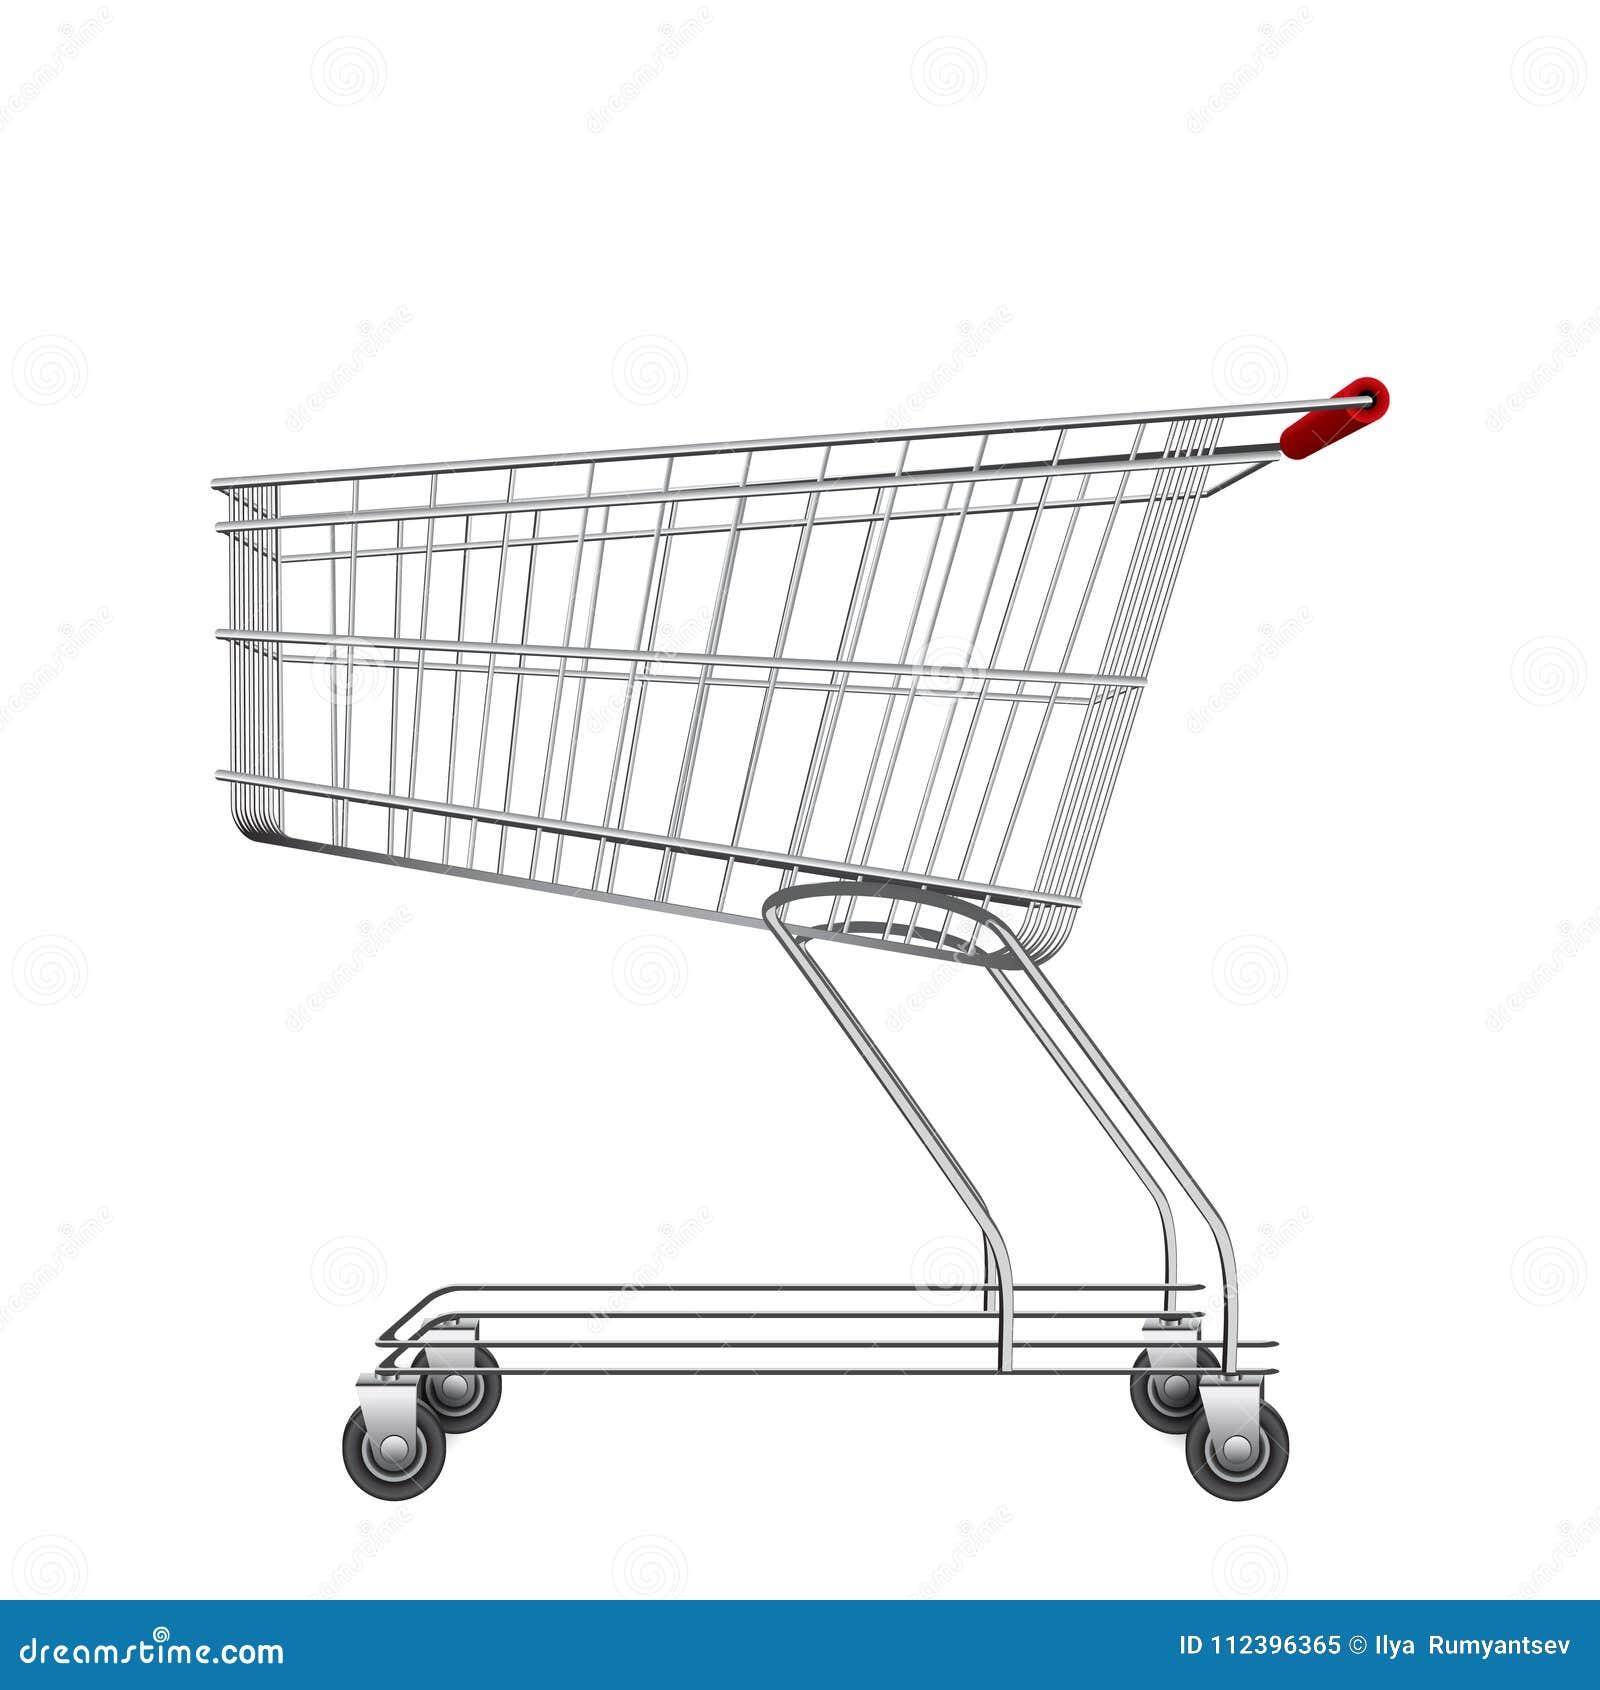 c6b61a9cf1f Empty Market Trolley Illustration